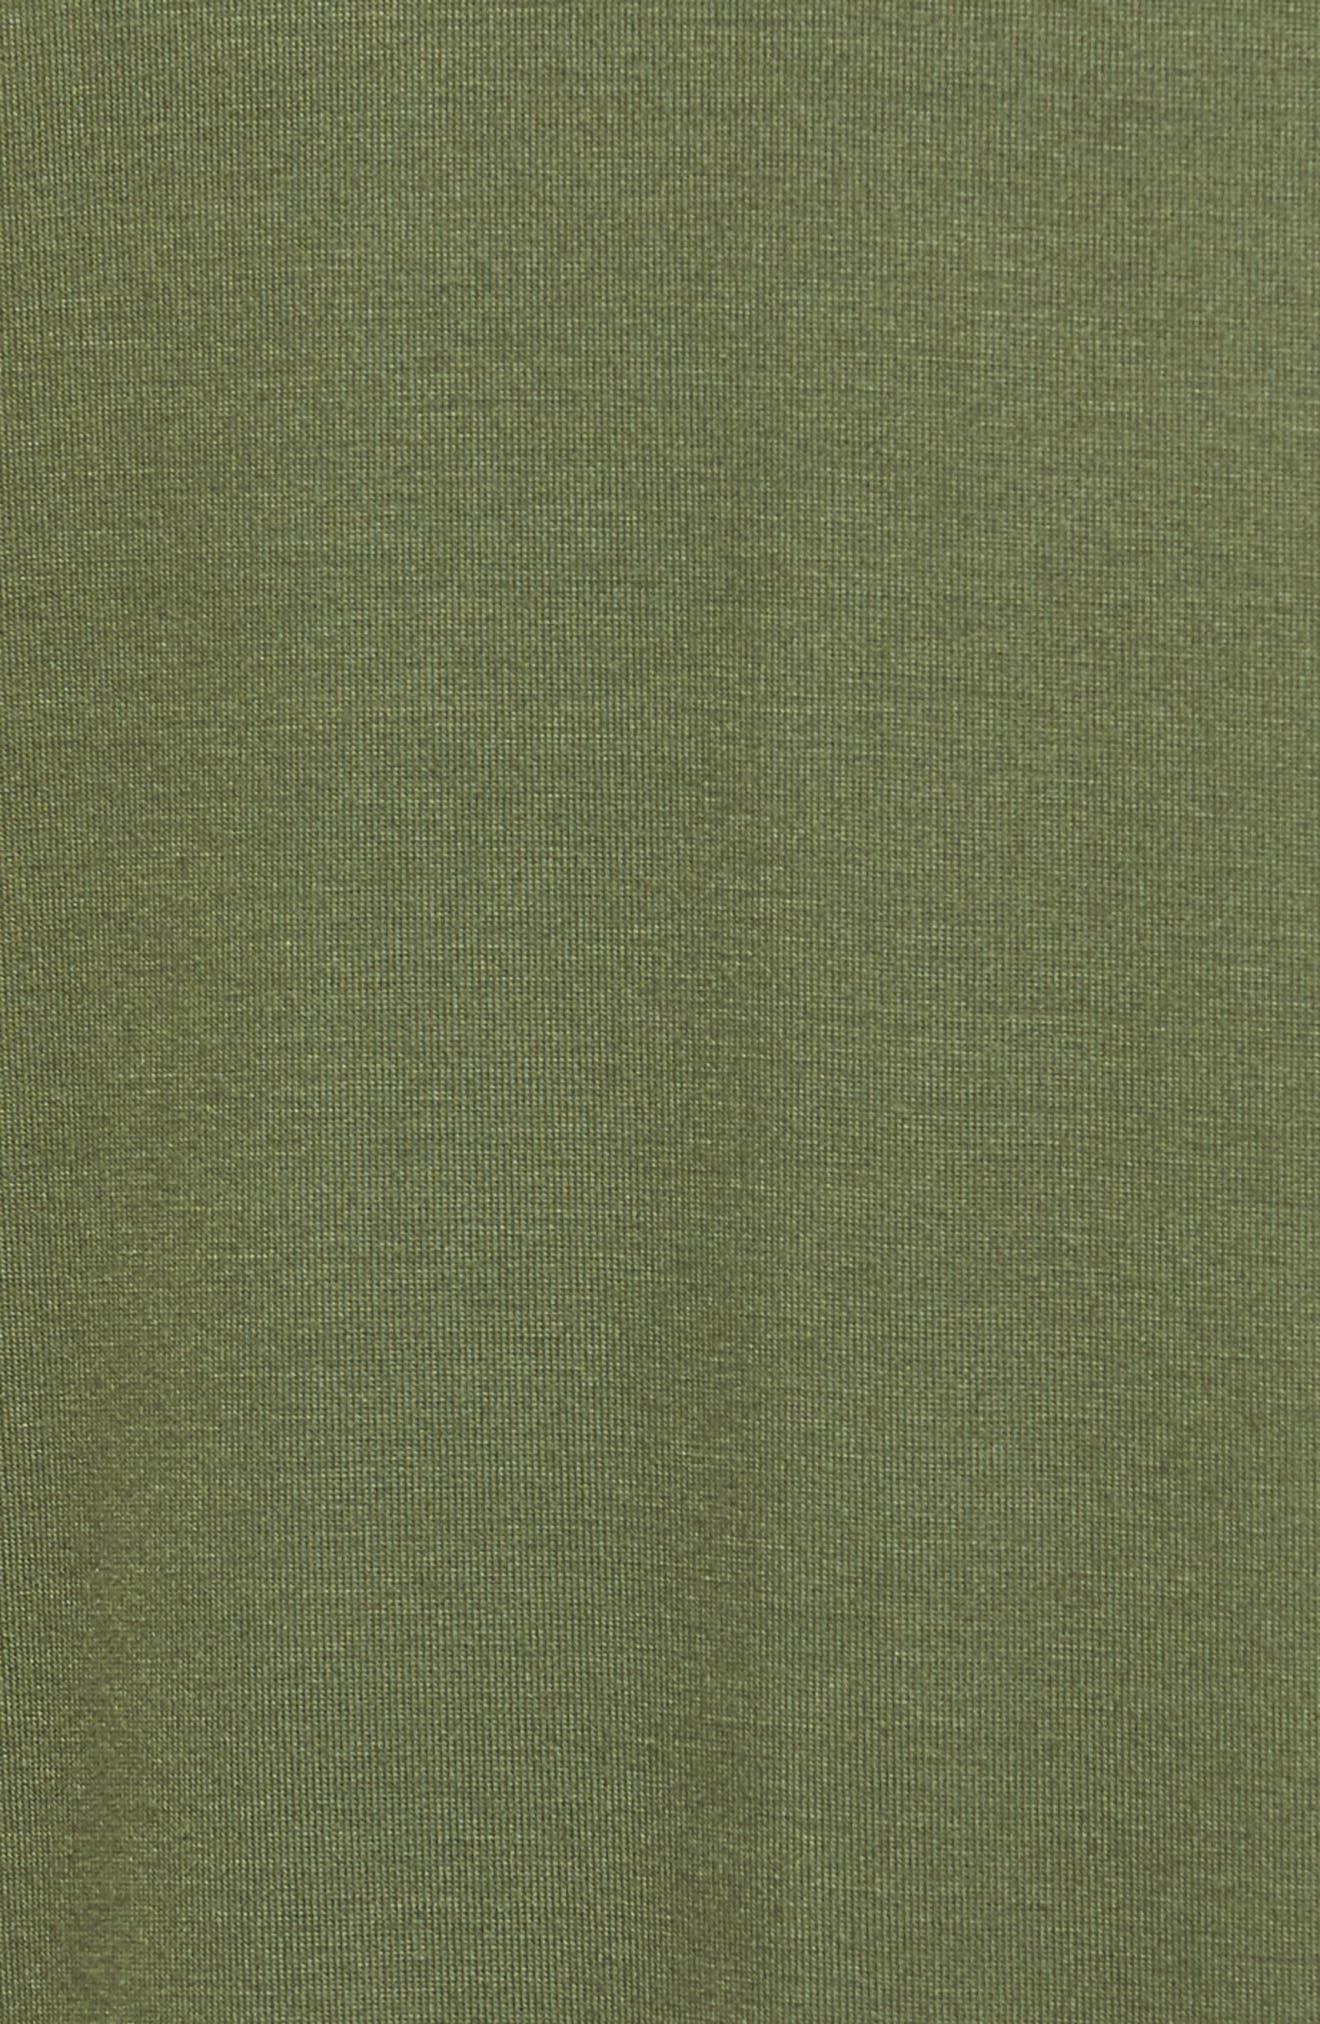 Alternate Image 5  - One Clothing Knit Wrap Midi Dress